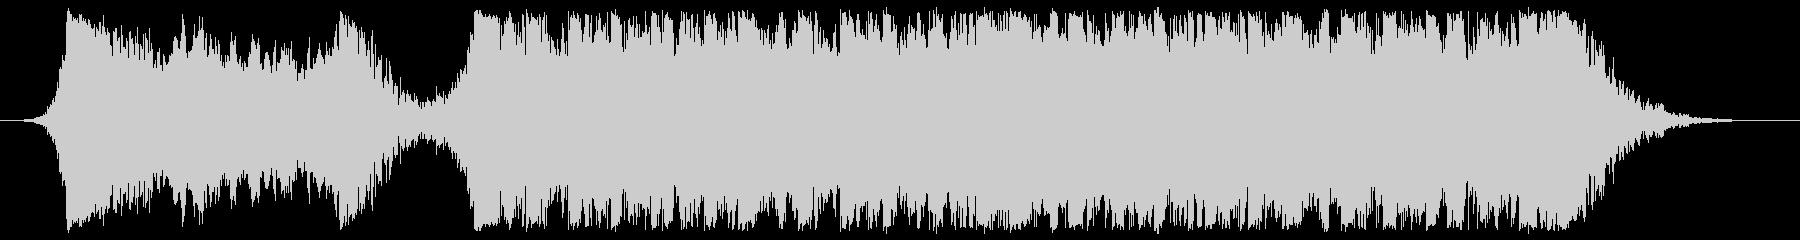 現代の交響曲 ダブステップ 積極的...の未再生の波形